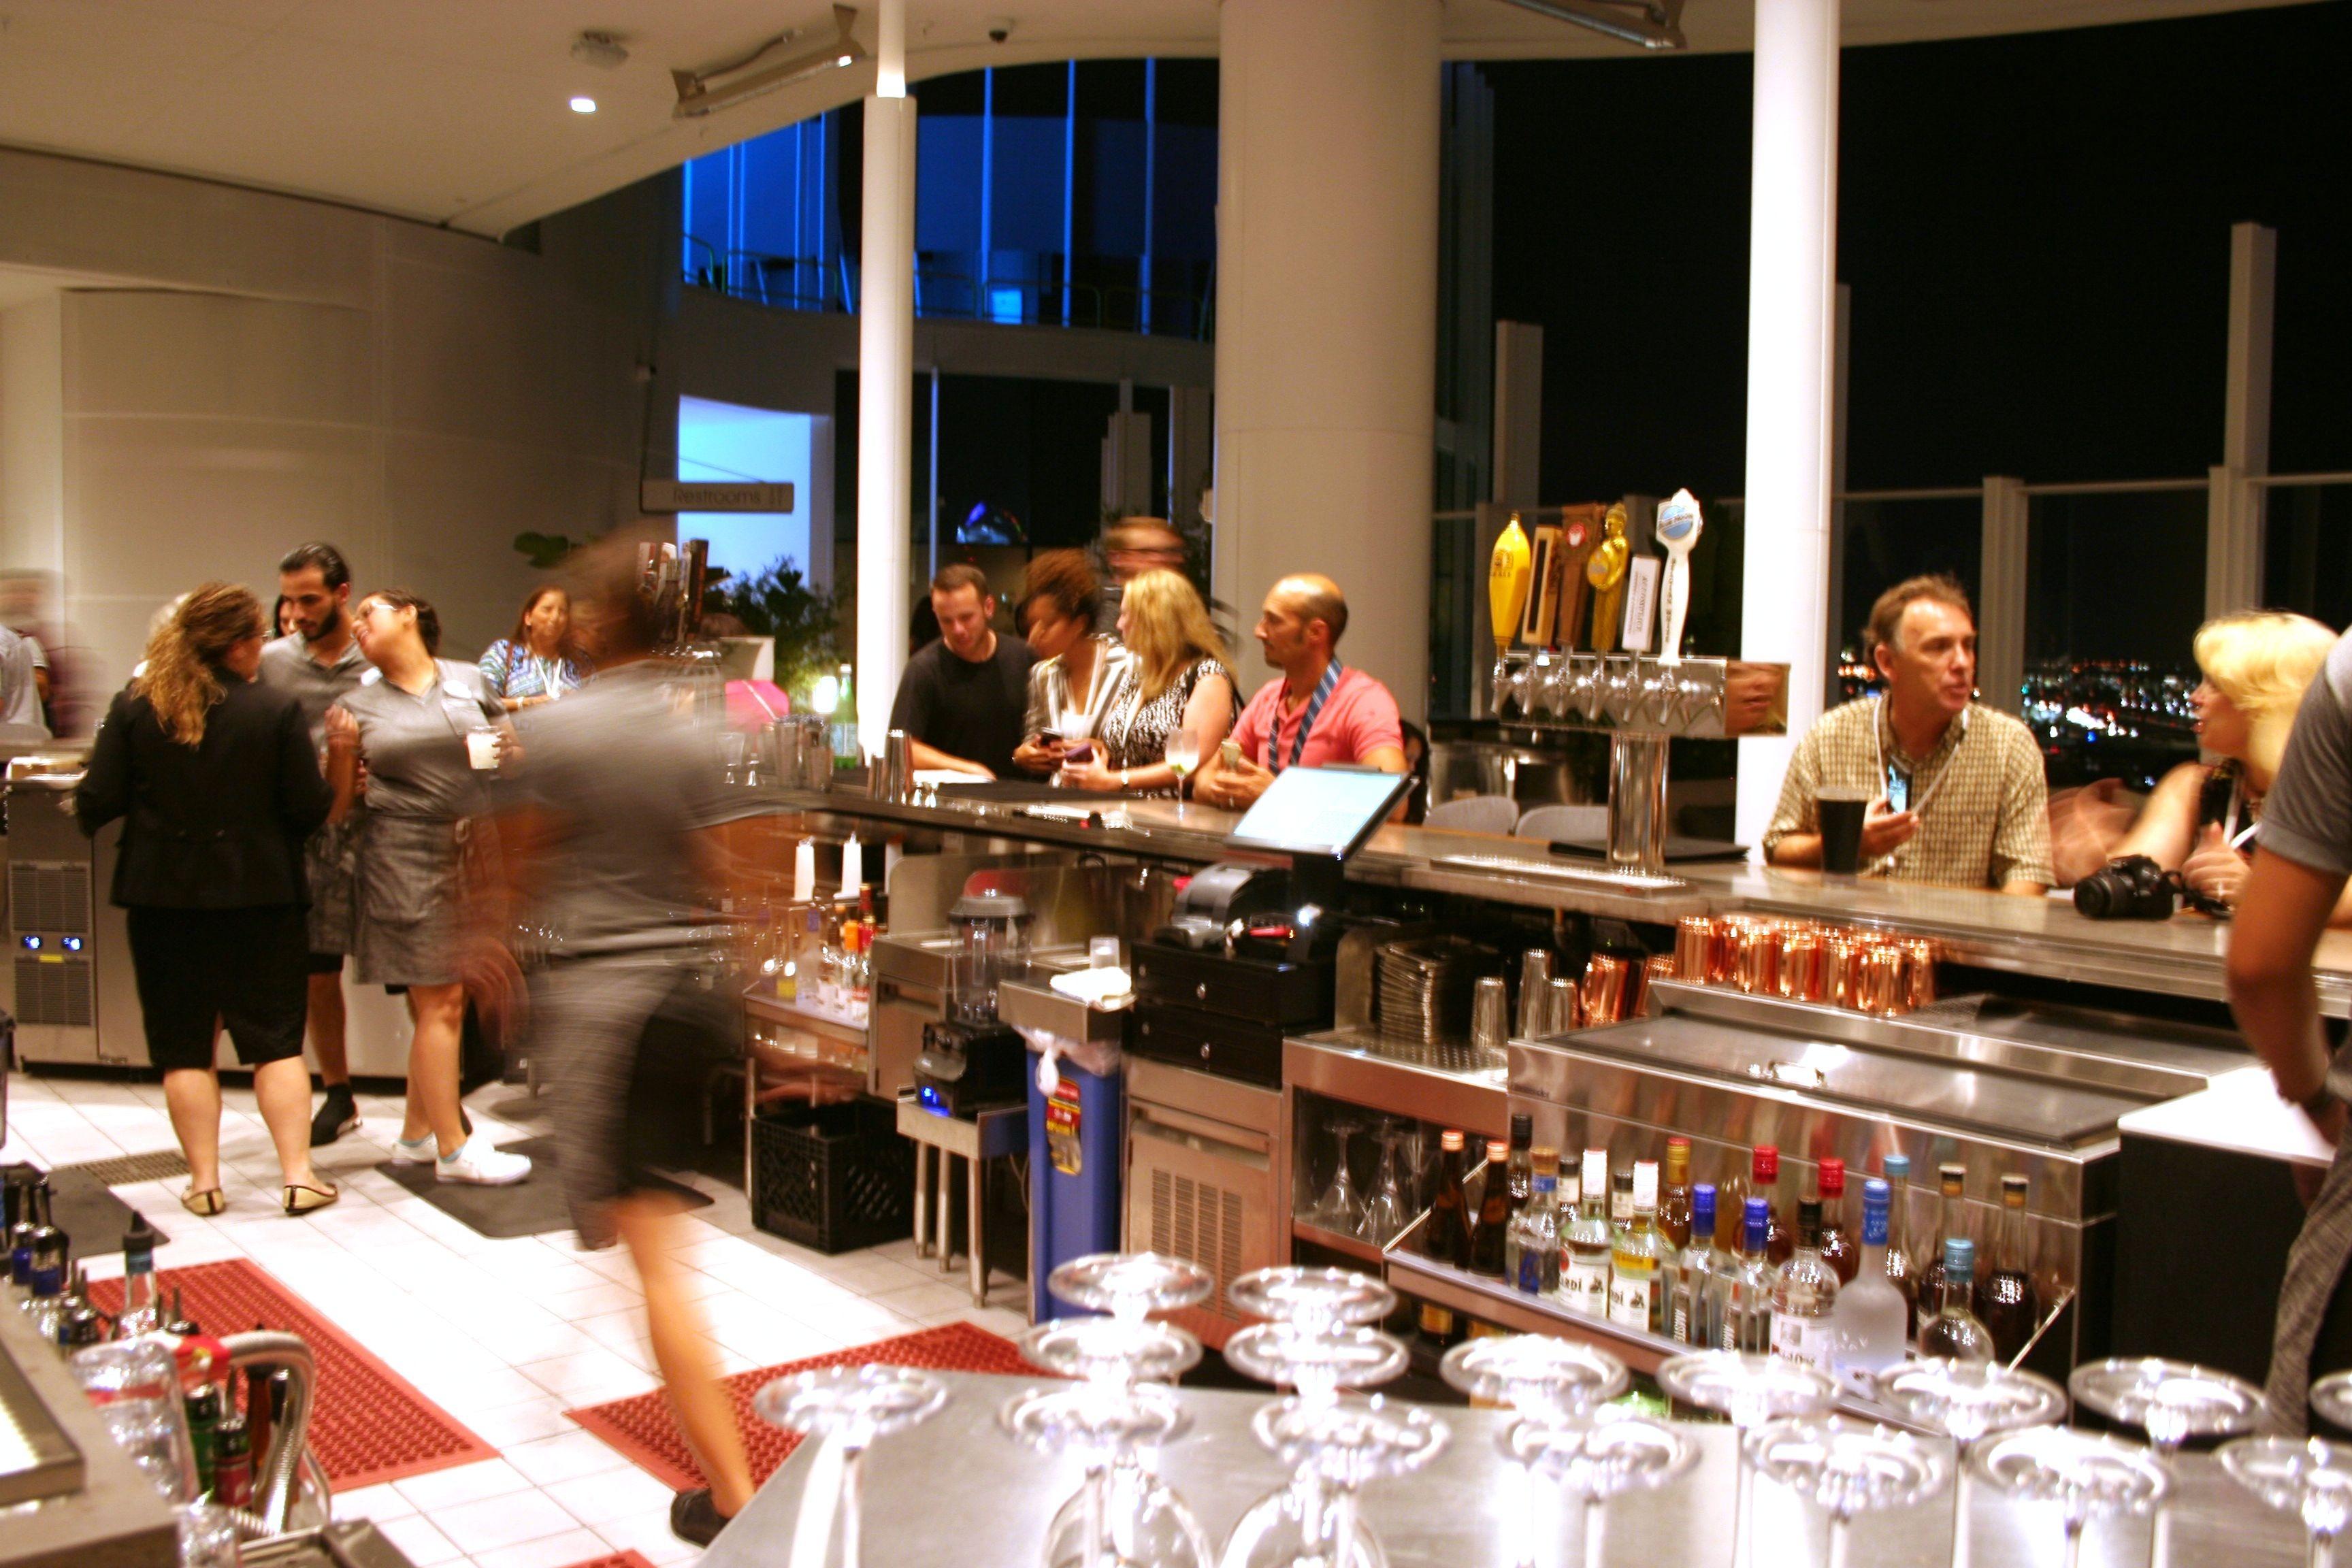 Primer rootop con bar y vistas 360 grados de Universal Orlando Resort